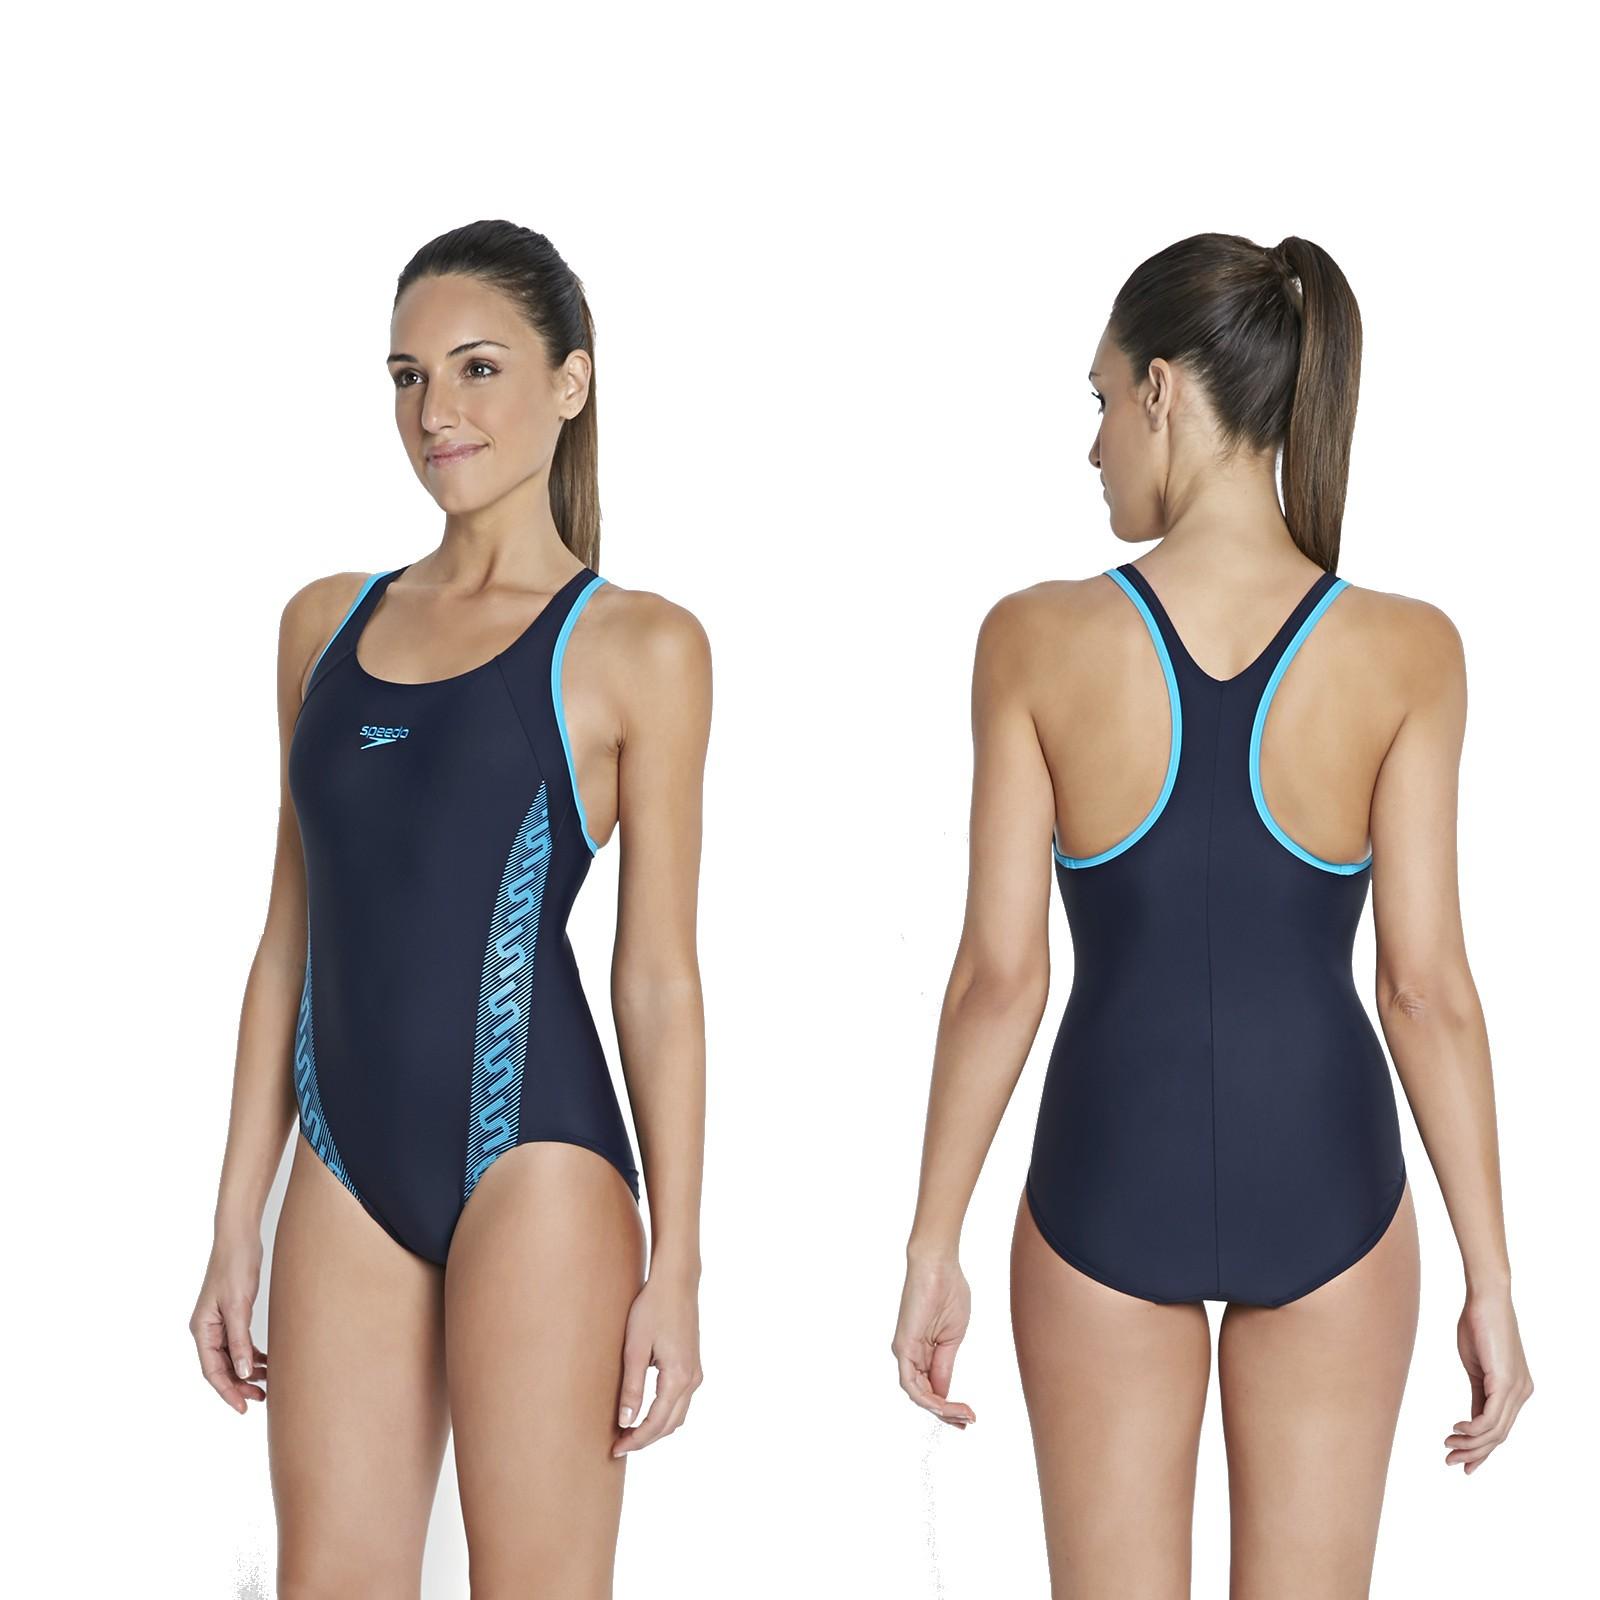 93d72b7ea8e933 Badeanzug von Speedo für Damen und Frauen mit Bustier